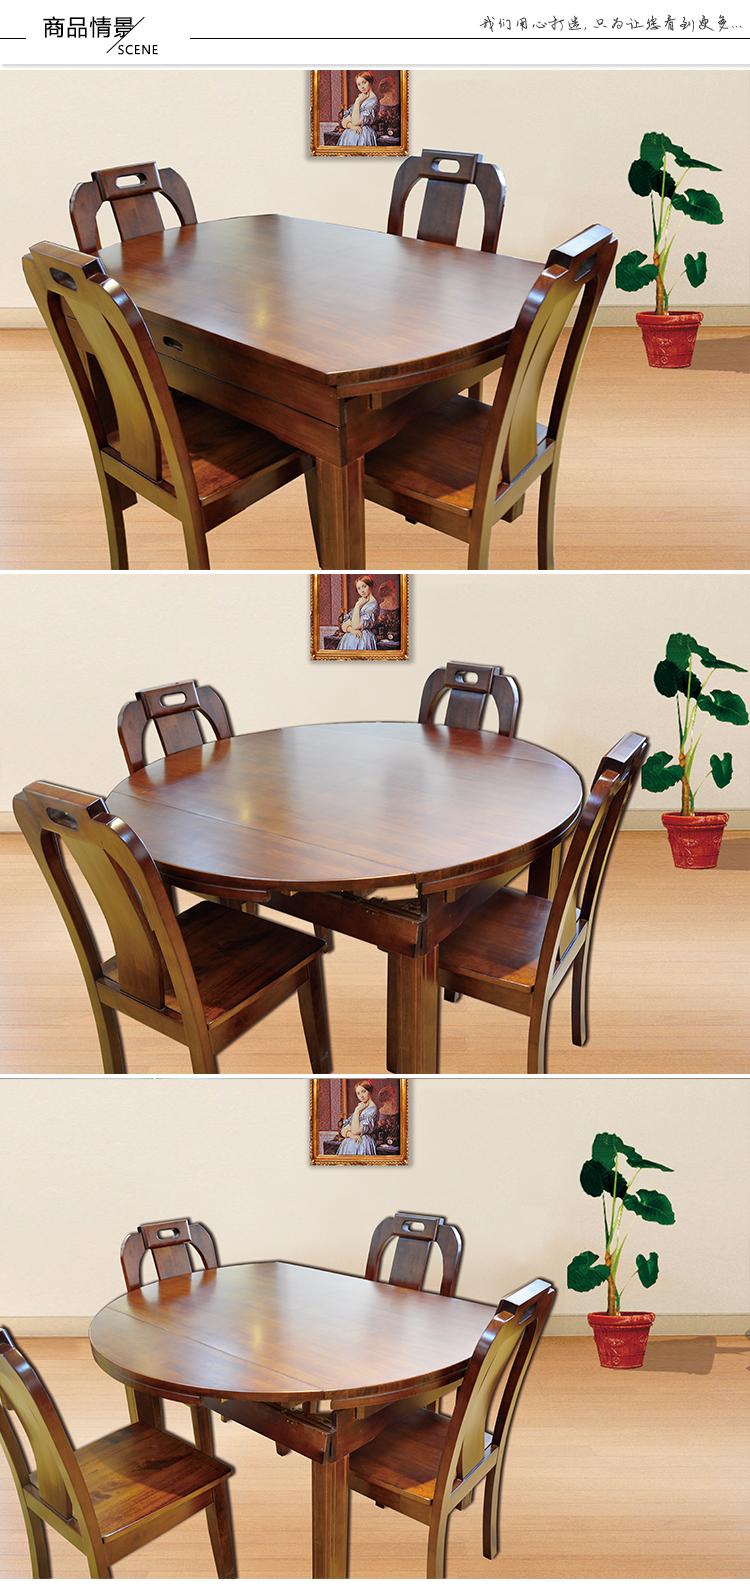 古典实木折叠型餐桌椅套组(四把椅子)